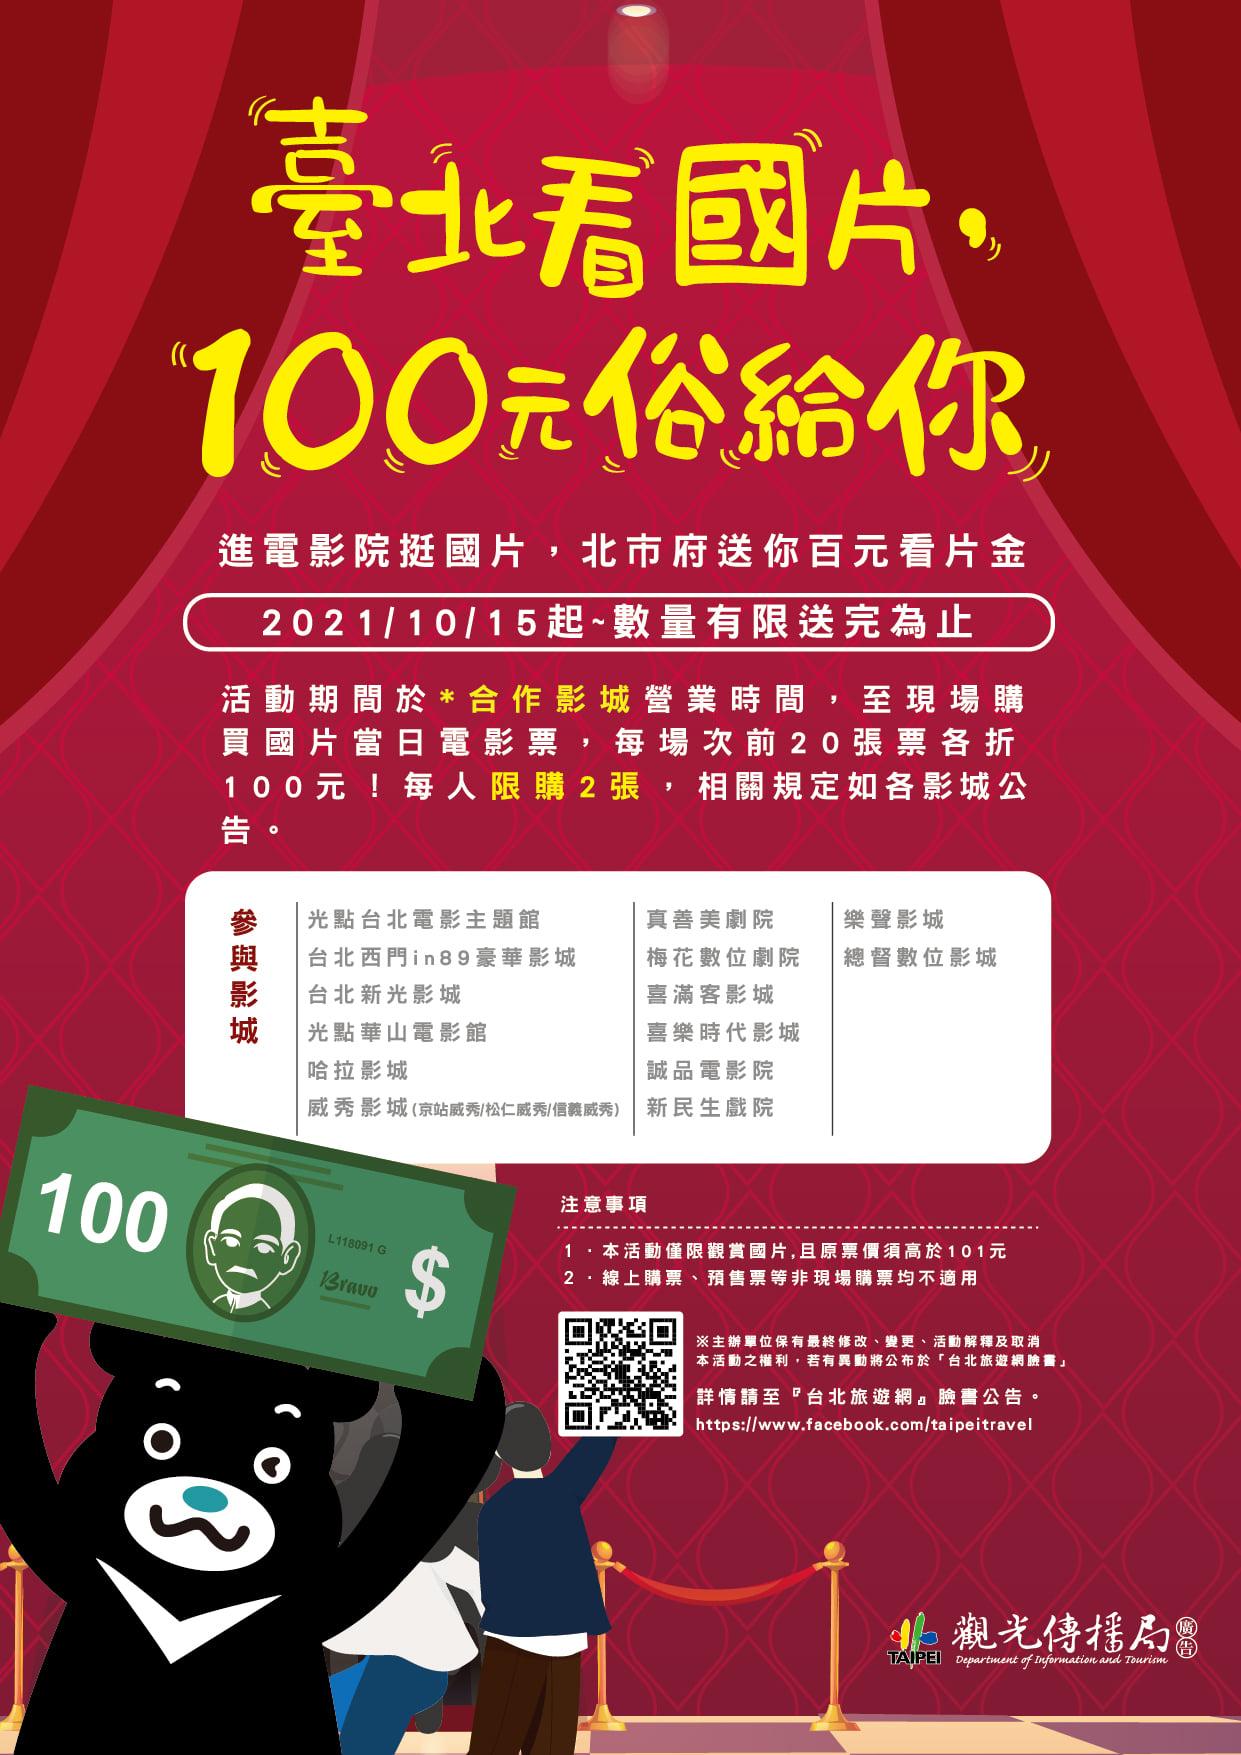 [情報] 台北看國片省$100 (10/15起至額滿為止)